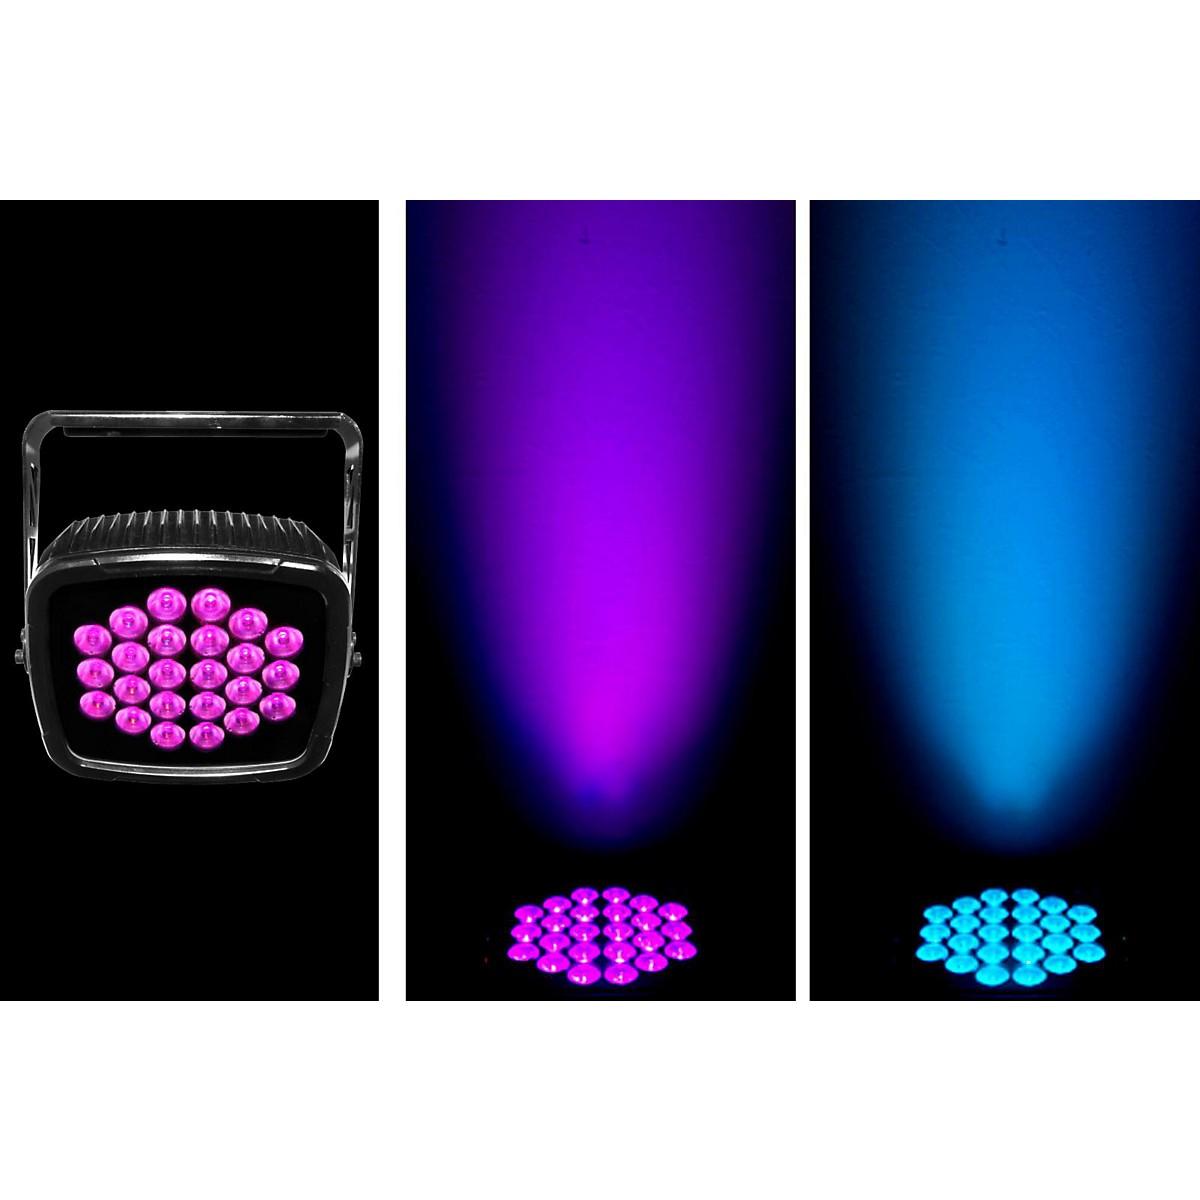 CHAUVET DJ SlimPANEL Tri 24 IP Indoor/Outdoor Tri-Color LED Wash Light